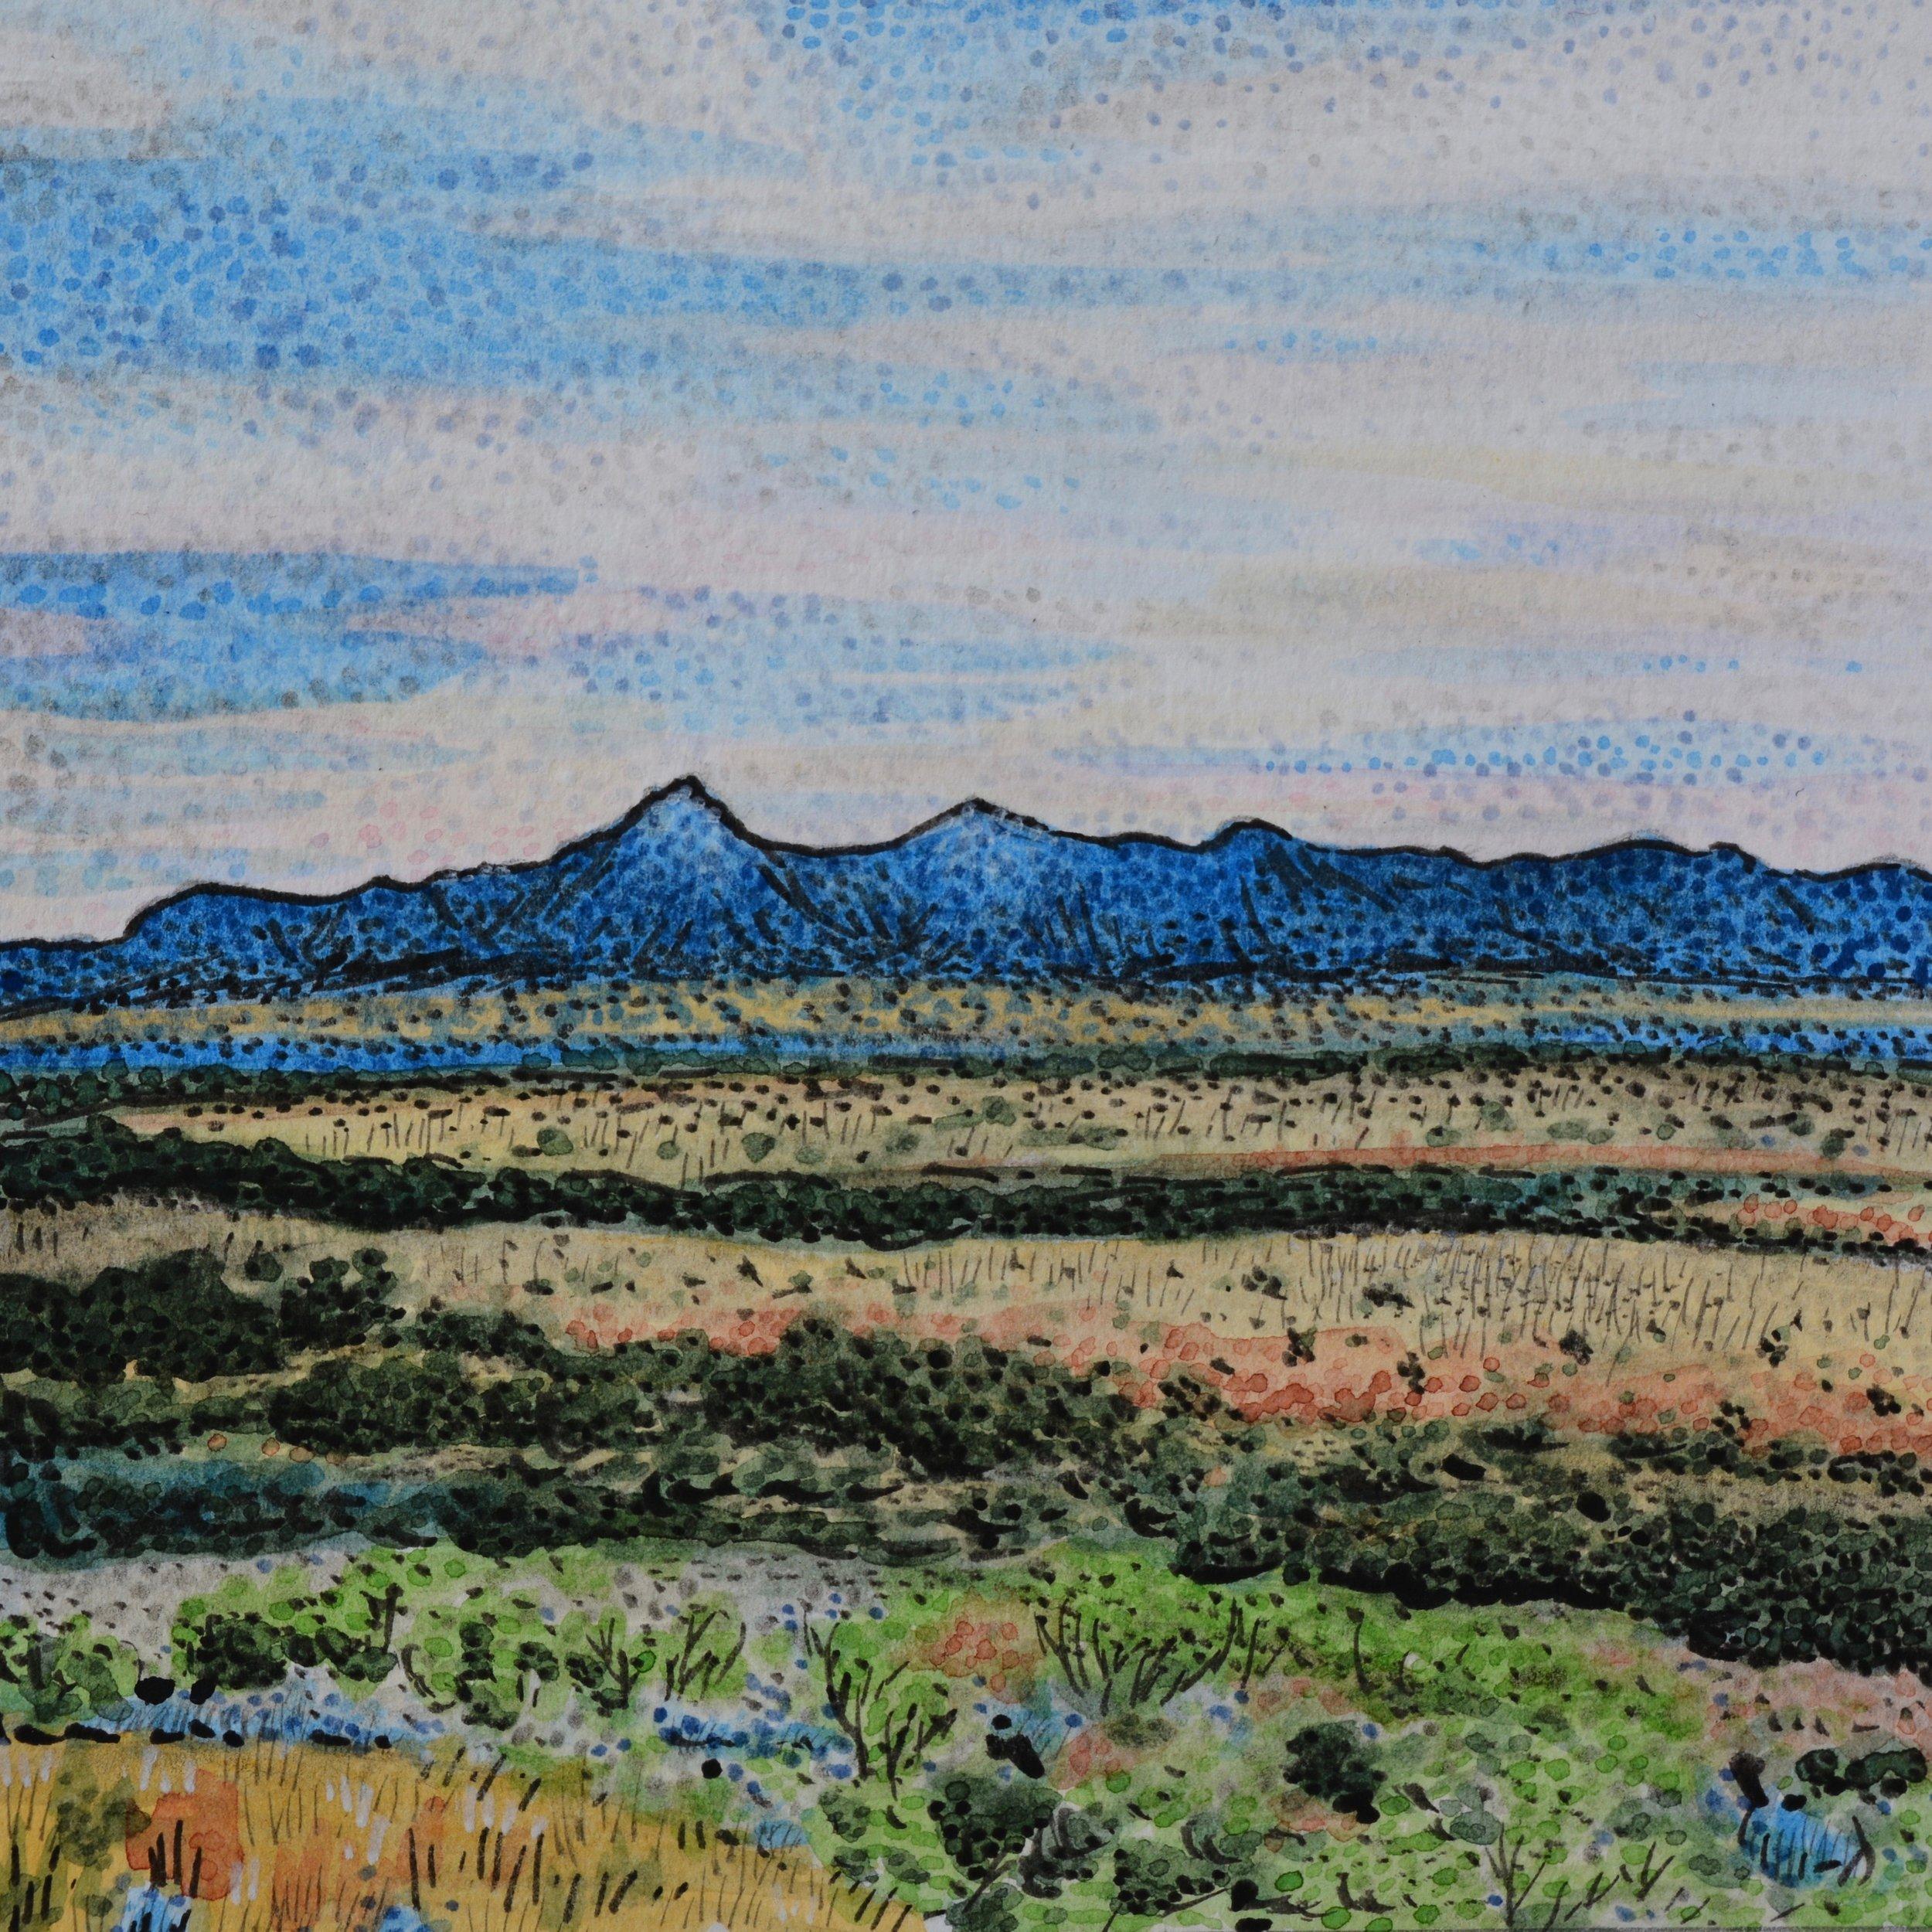 Bisbee, Arizona: 12/27/16, 16:55:28